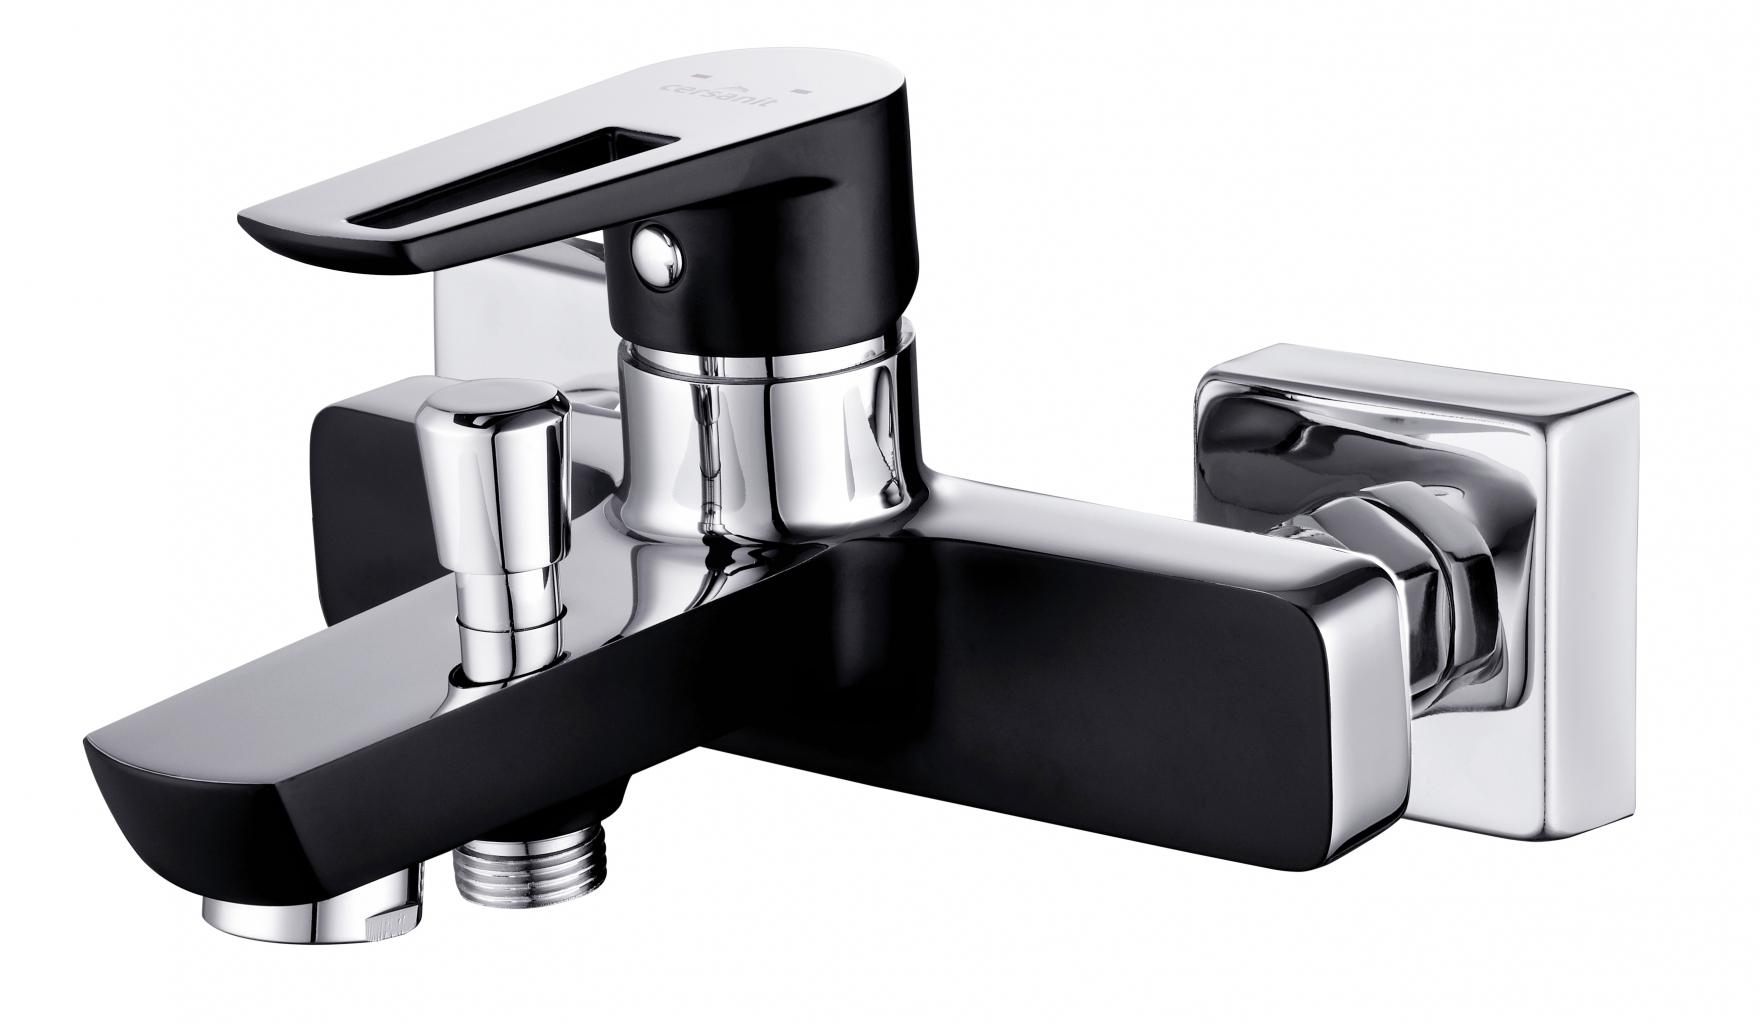 CERSANIT Vanová baterie se sprchou MILLE jednopáková, dvouotvorová, nástěnná, s pevným výtokovým ramínkem, s přepínačem, CHROM/ČERNÁ (S951-009 )